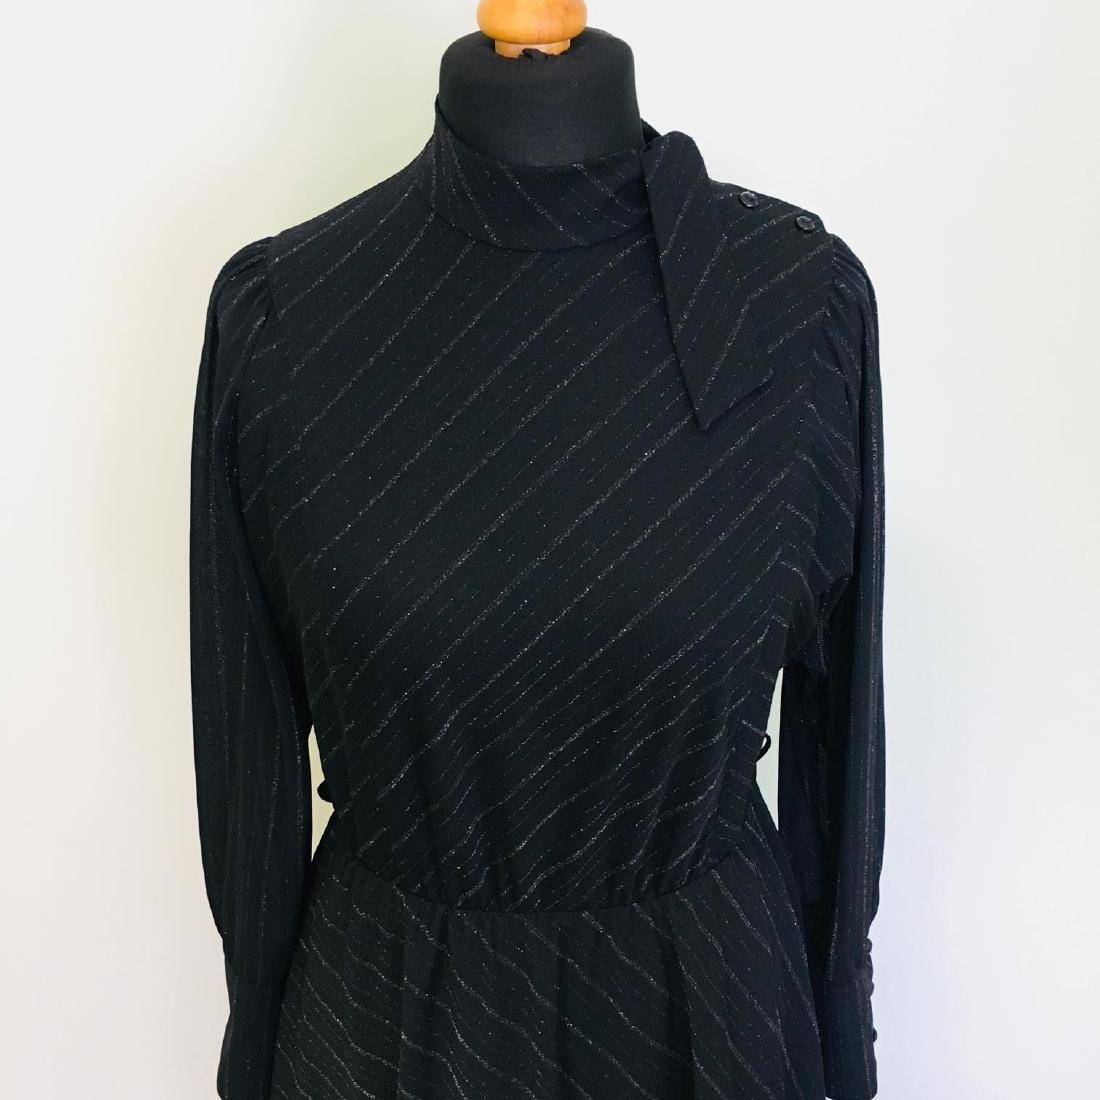 Vintage Women's Black Coctail Evening Dress - 4